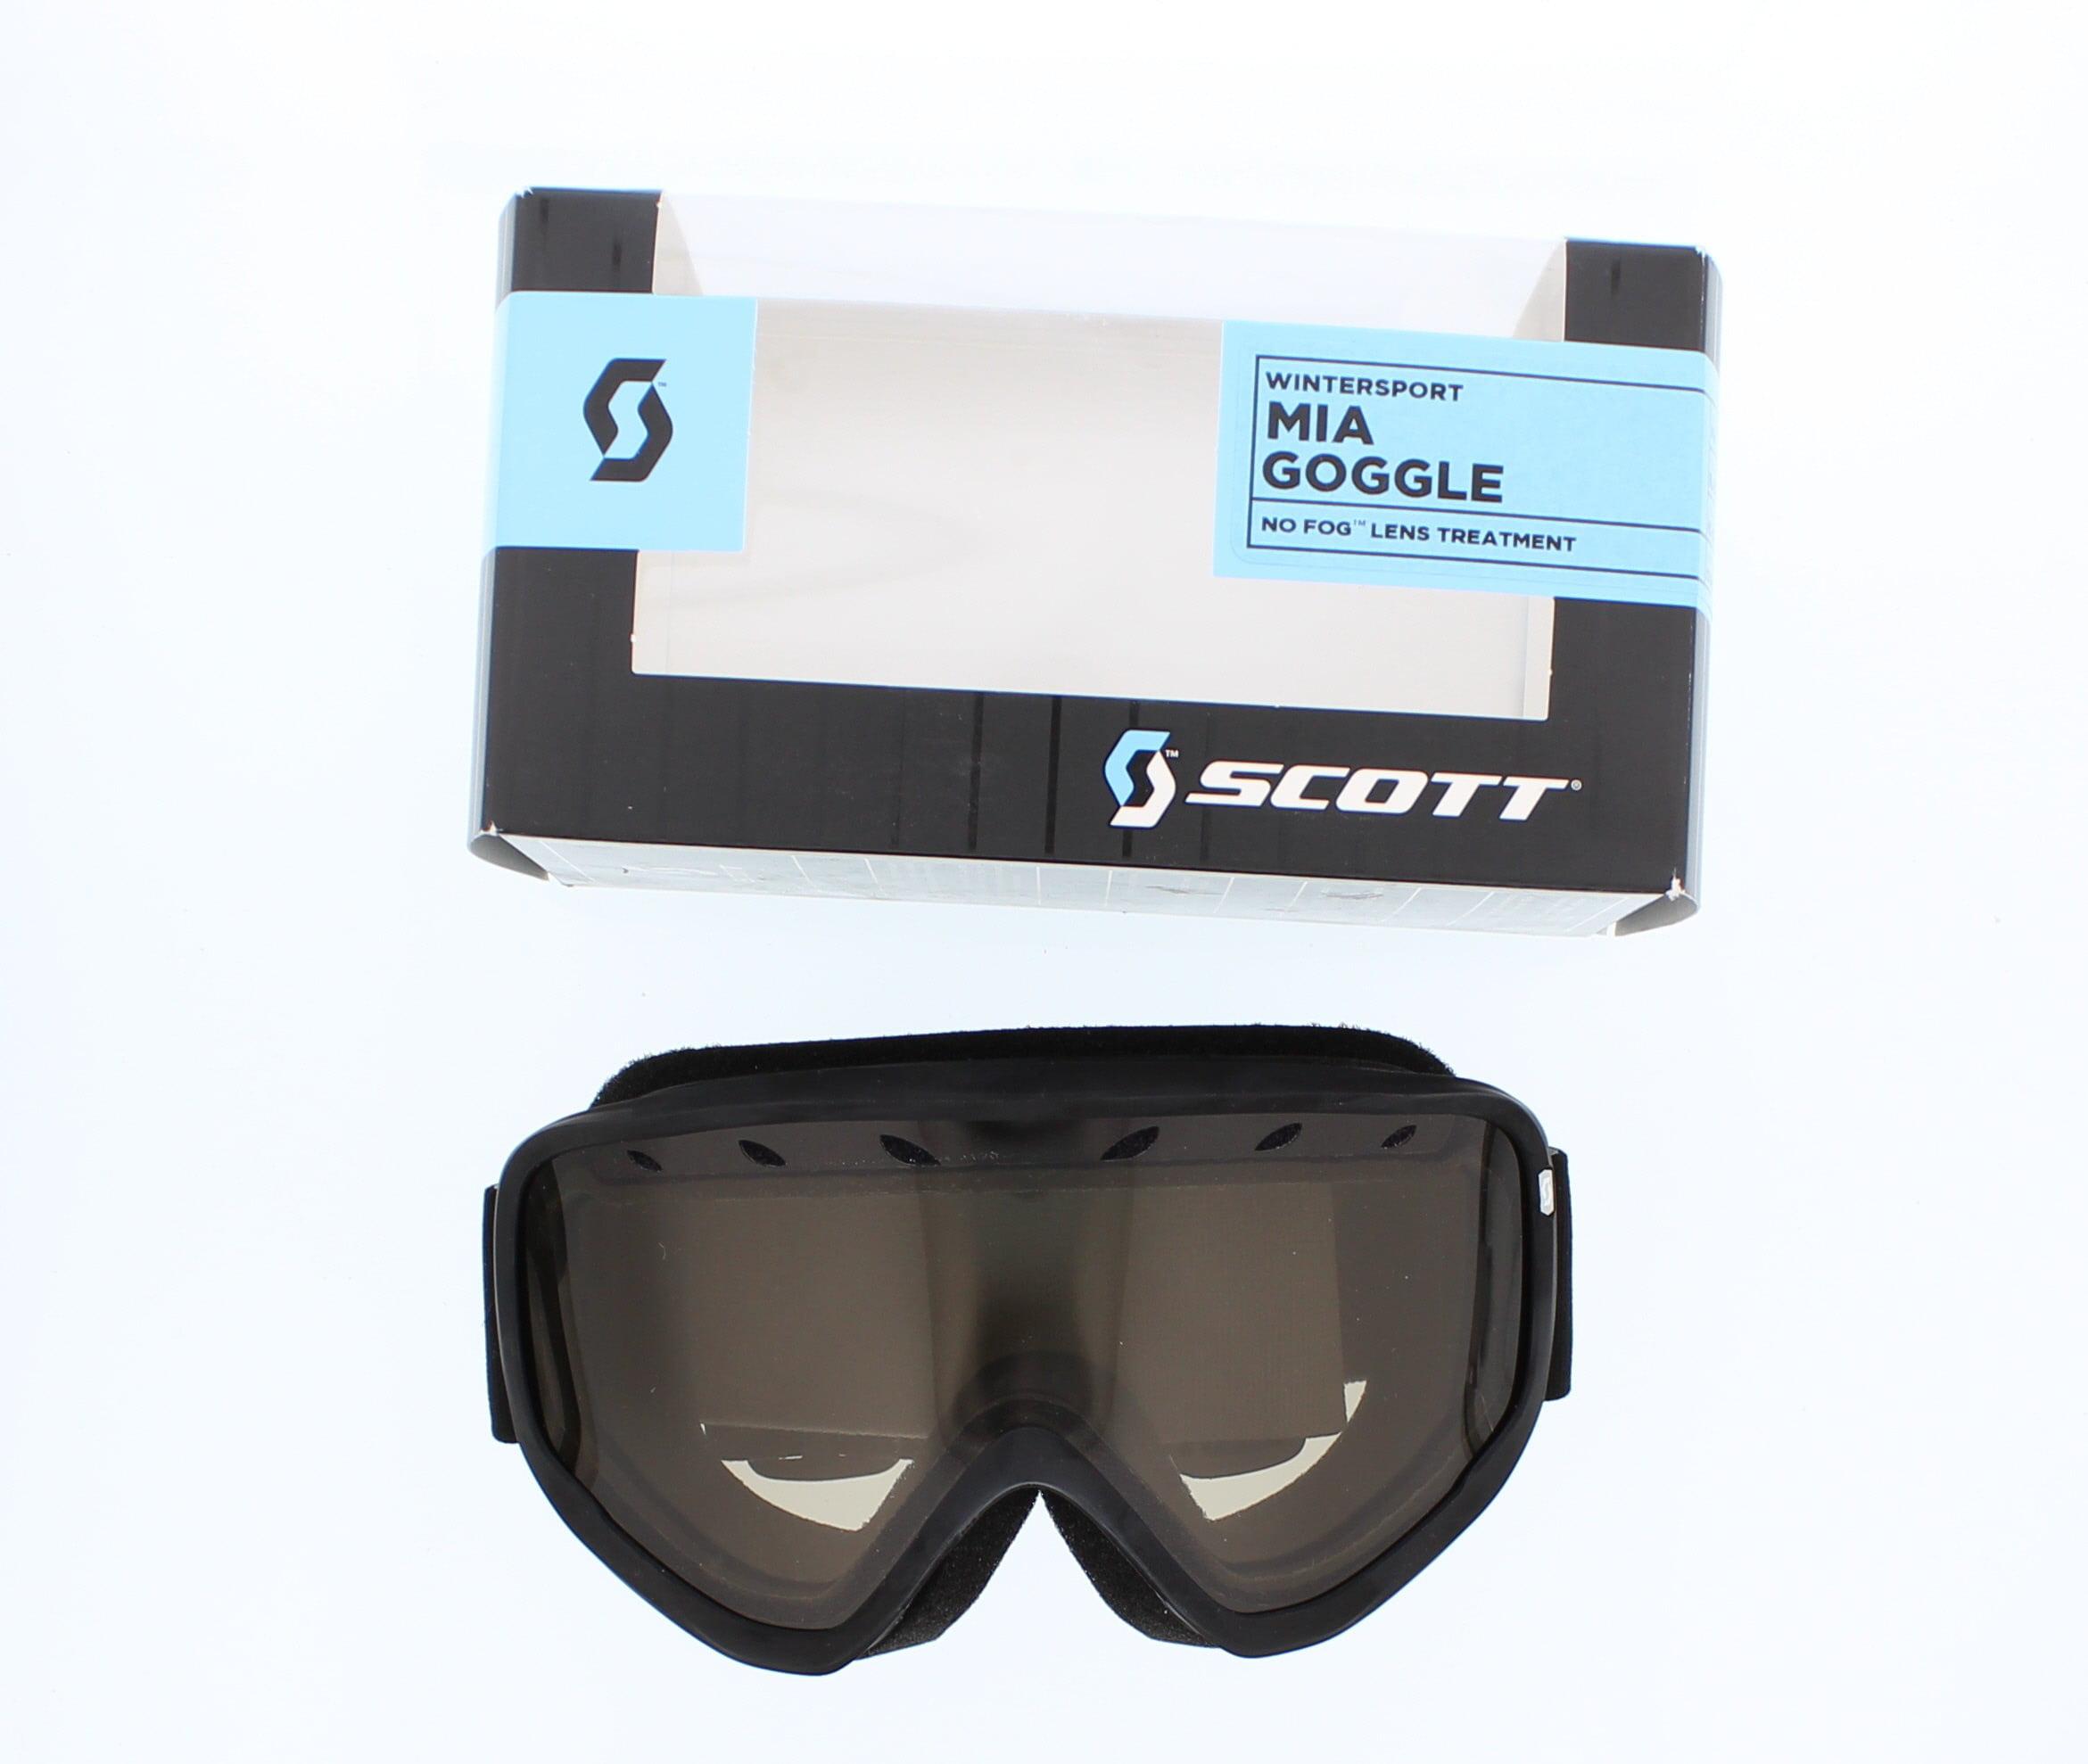 Scott Winter Sport MIA Black NL-40 Goggles by SCOTT